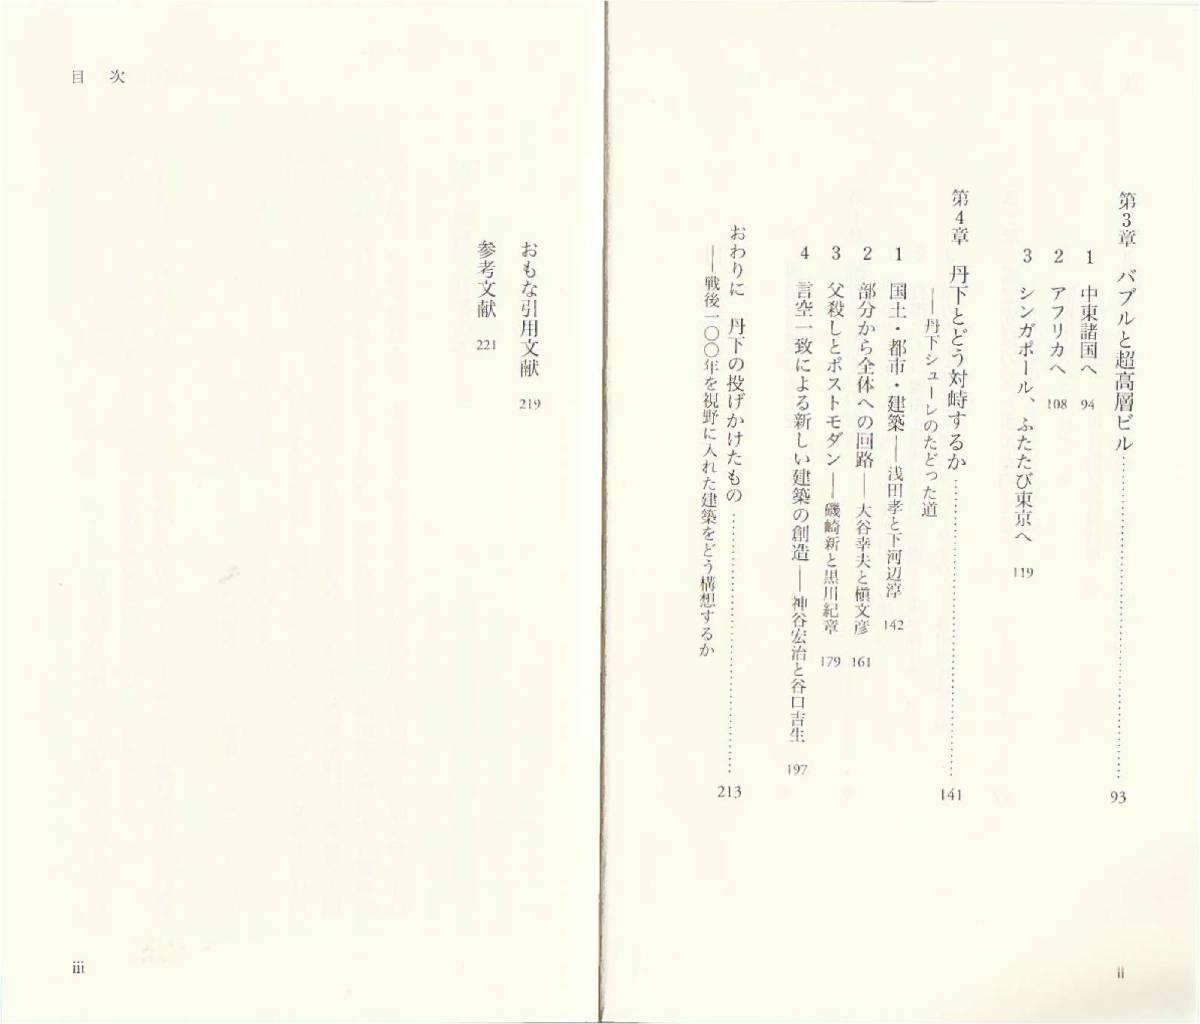 ● 丹下健三 戦後日本の構想者 丹下健三が創り出す建築空間は,高度成長の道をひた走る戦後日本の象徴であった。 豊川斎赫著 岩波新書 _画像4